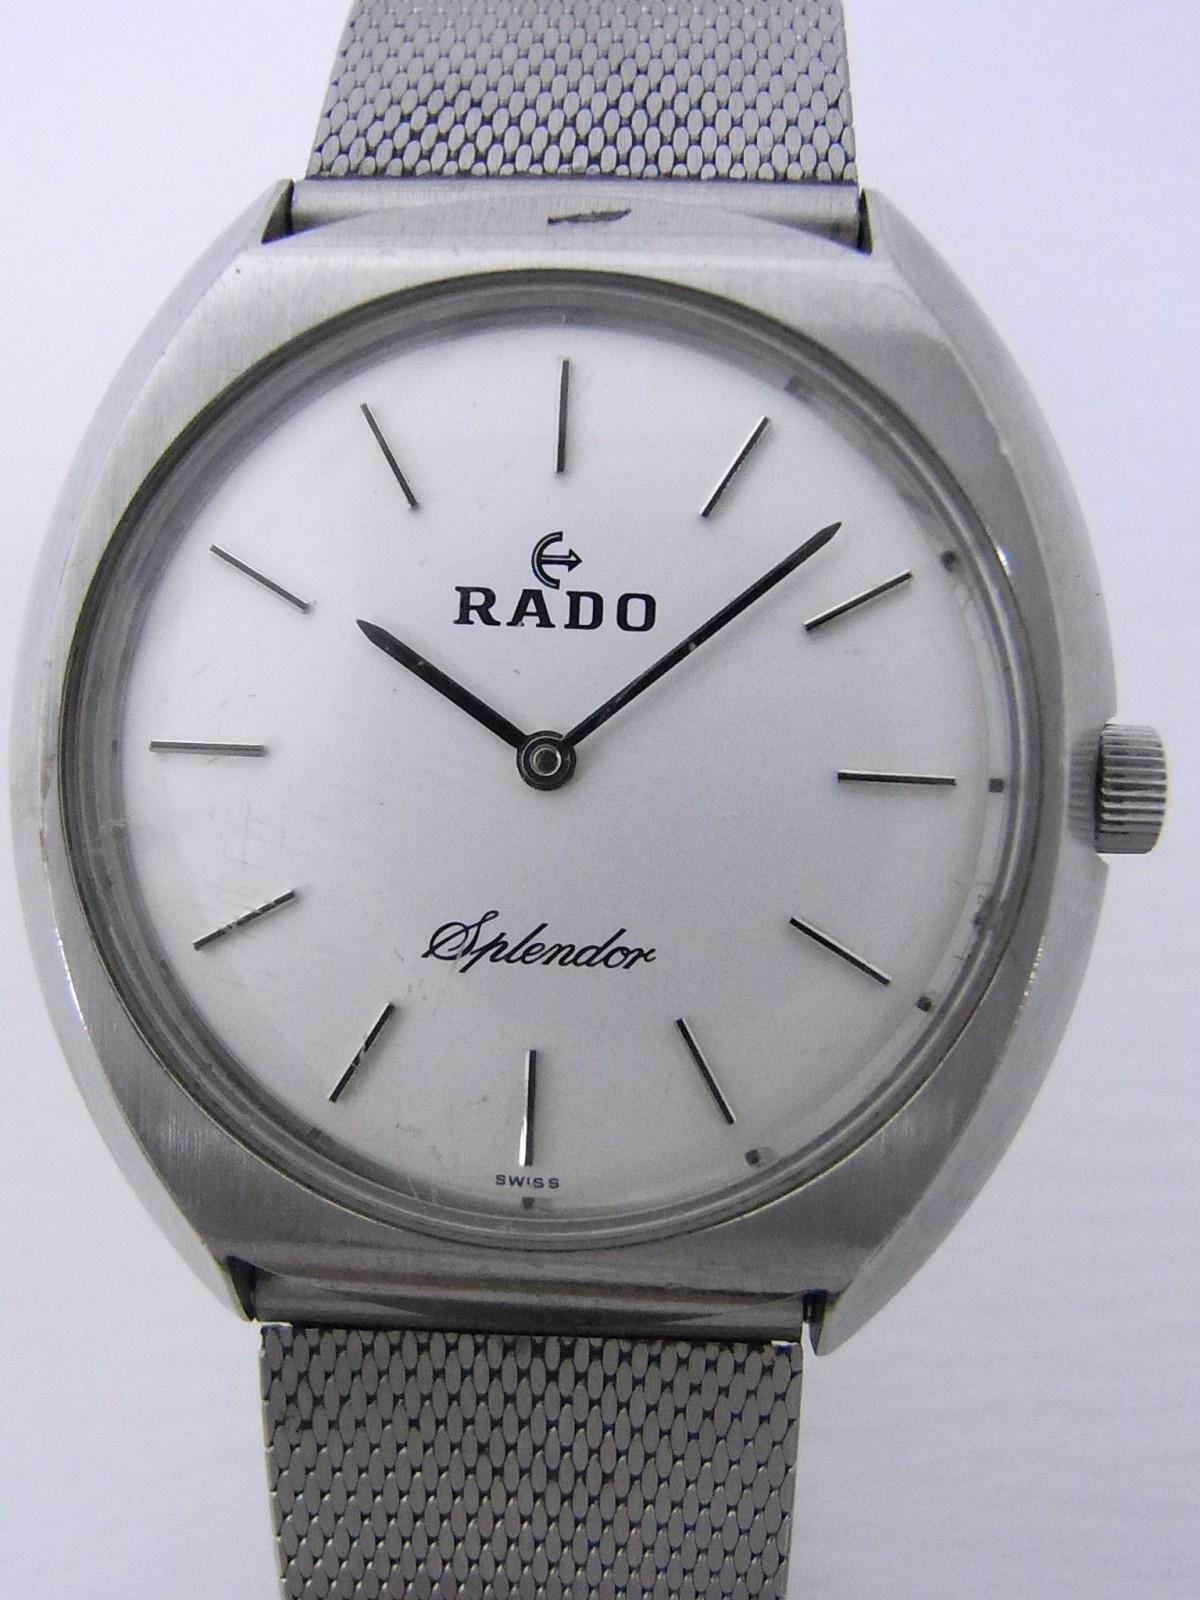 7166ed042a6 Rado Splendor relógio usados (€5) - Timepeaks